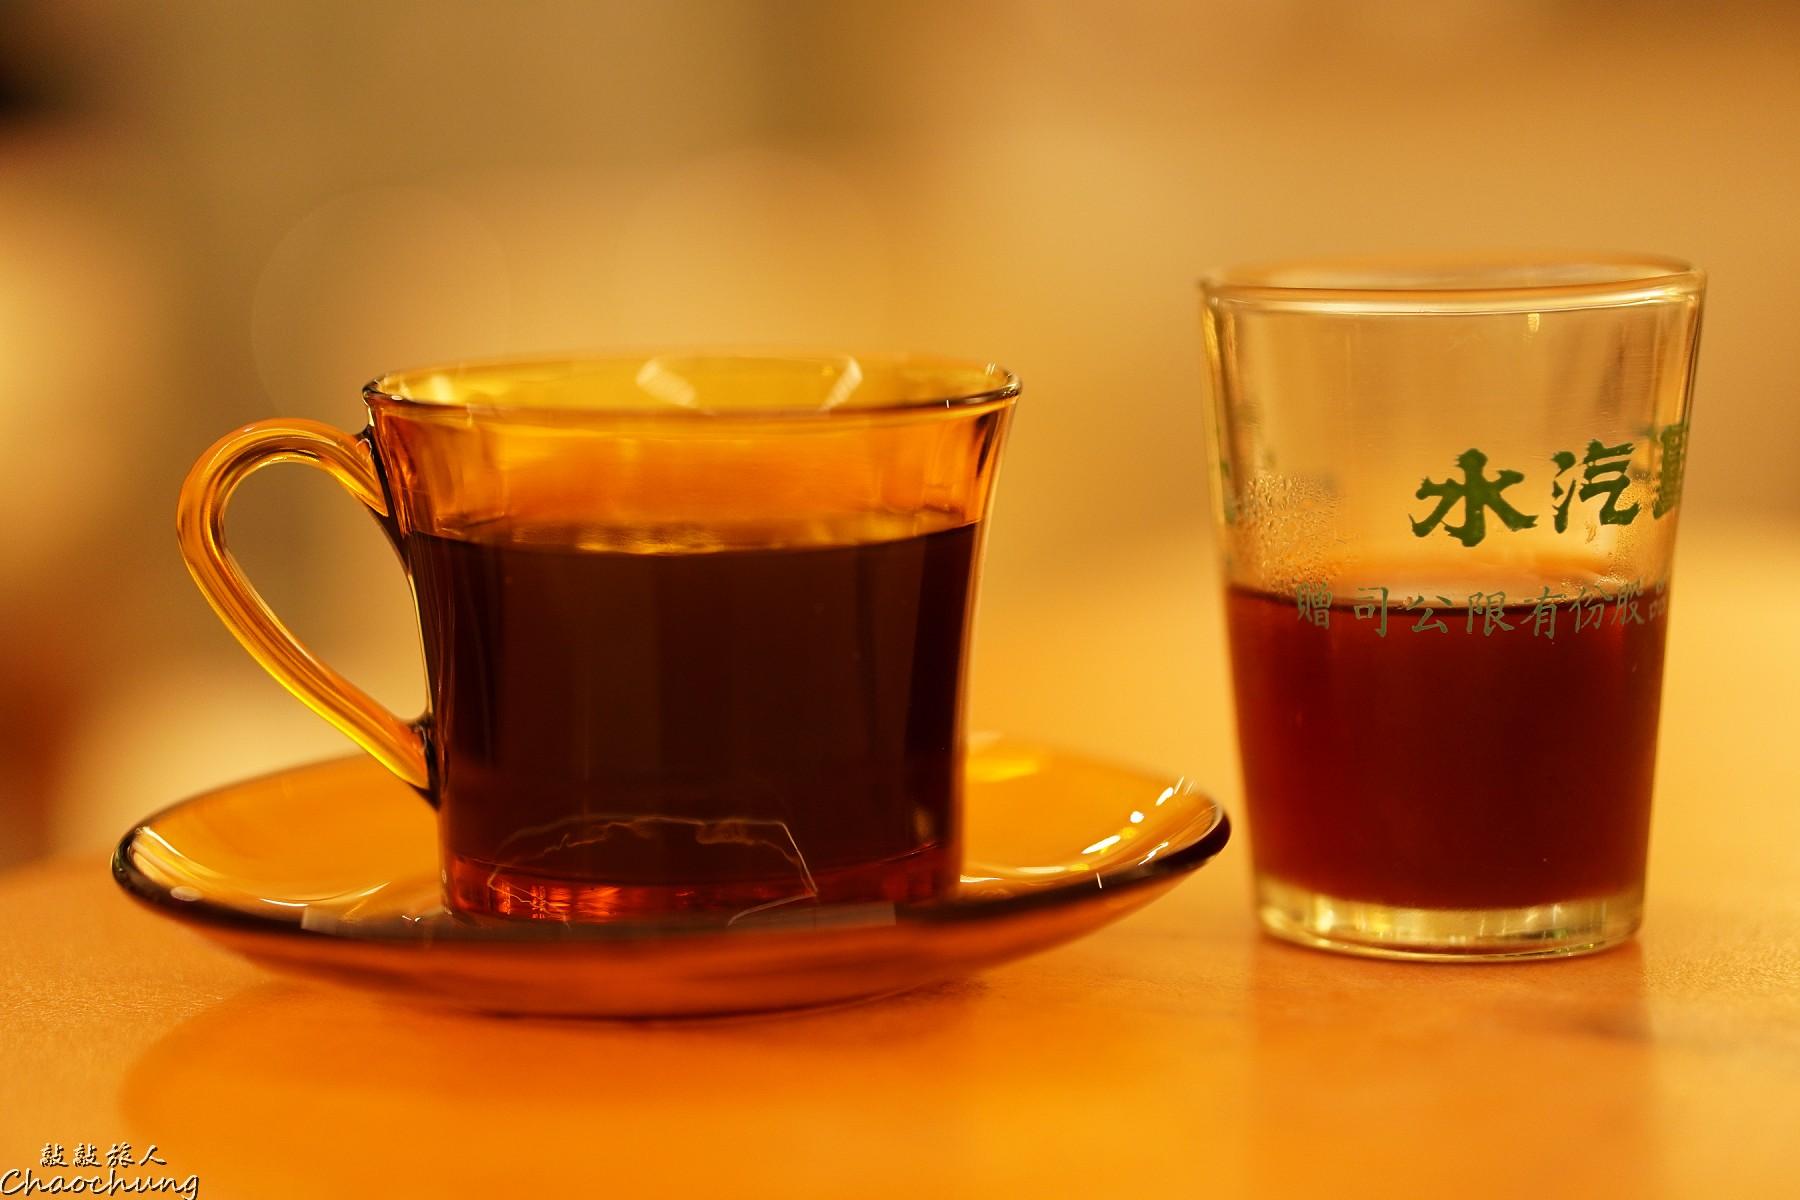 【台南】2020.10.20午營咖啡/玻利維亞/馬丁/Caranavi/水洗/中淺焙